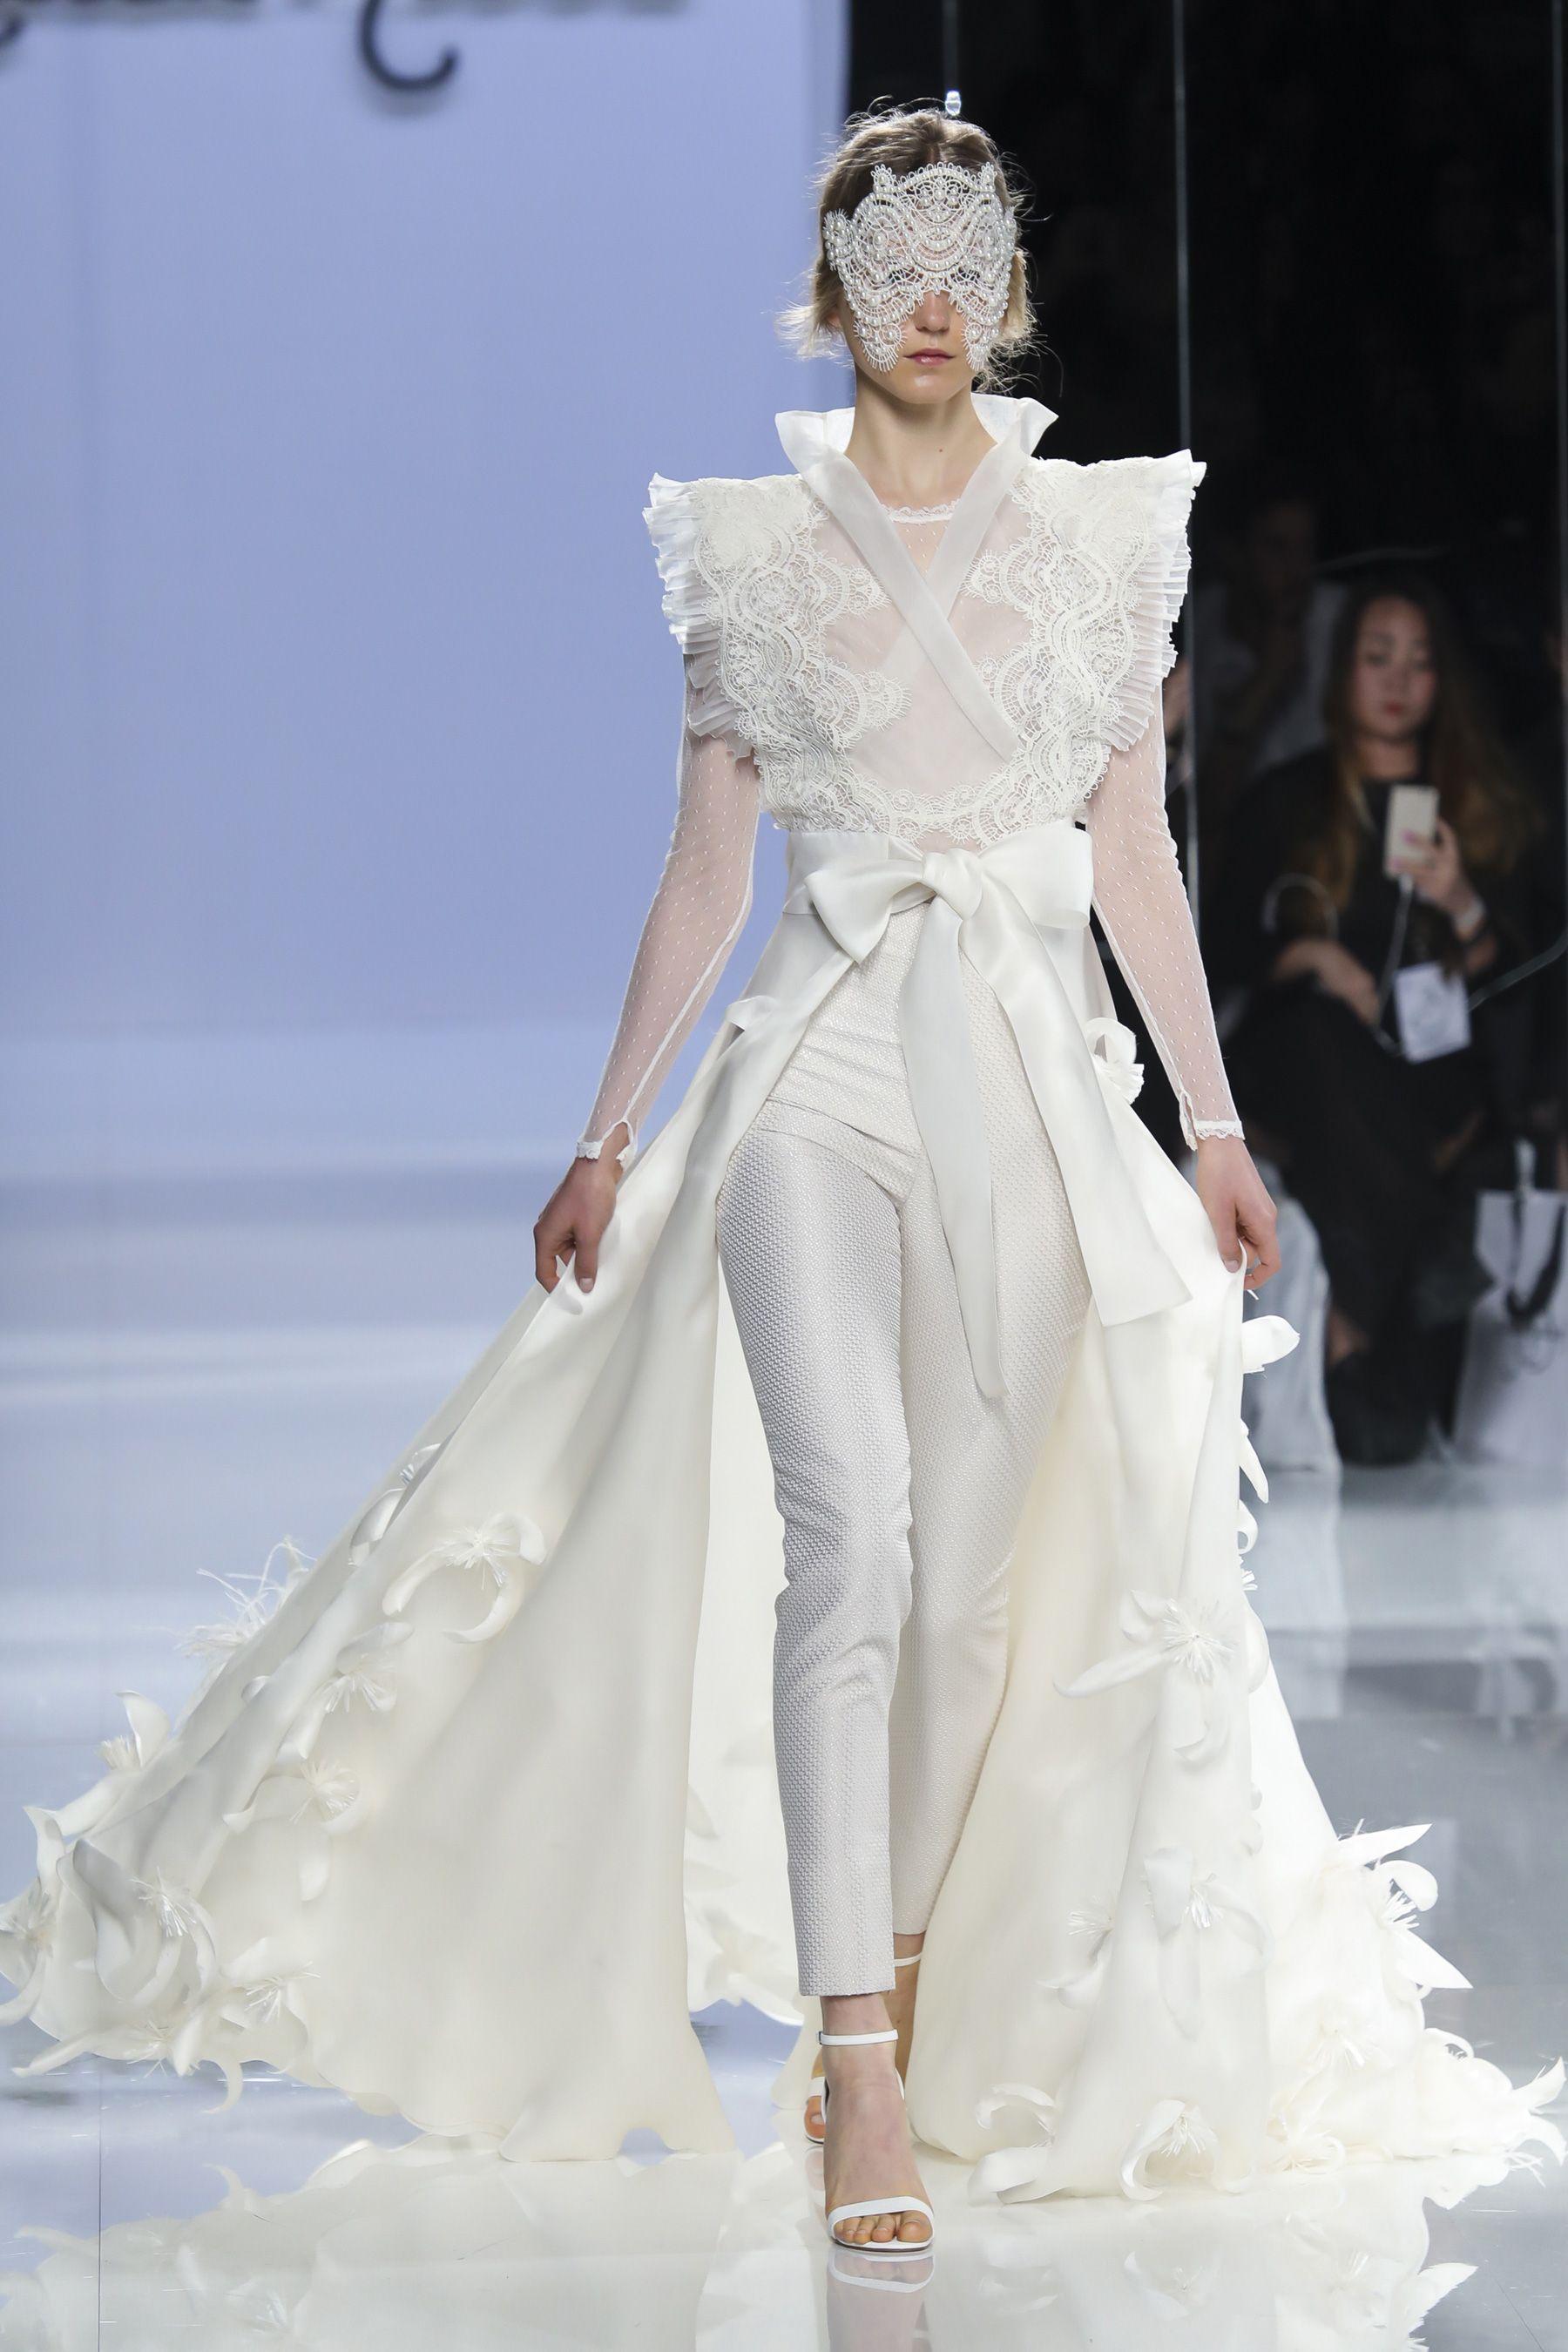 Carla ruiz spring bridal fashion show the impression bridal